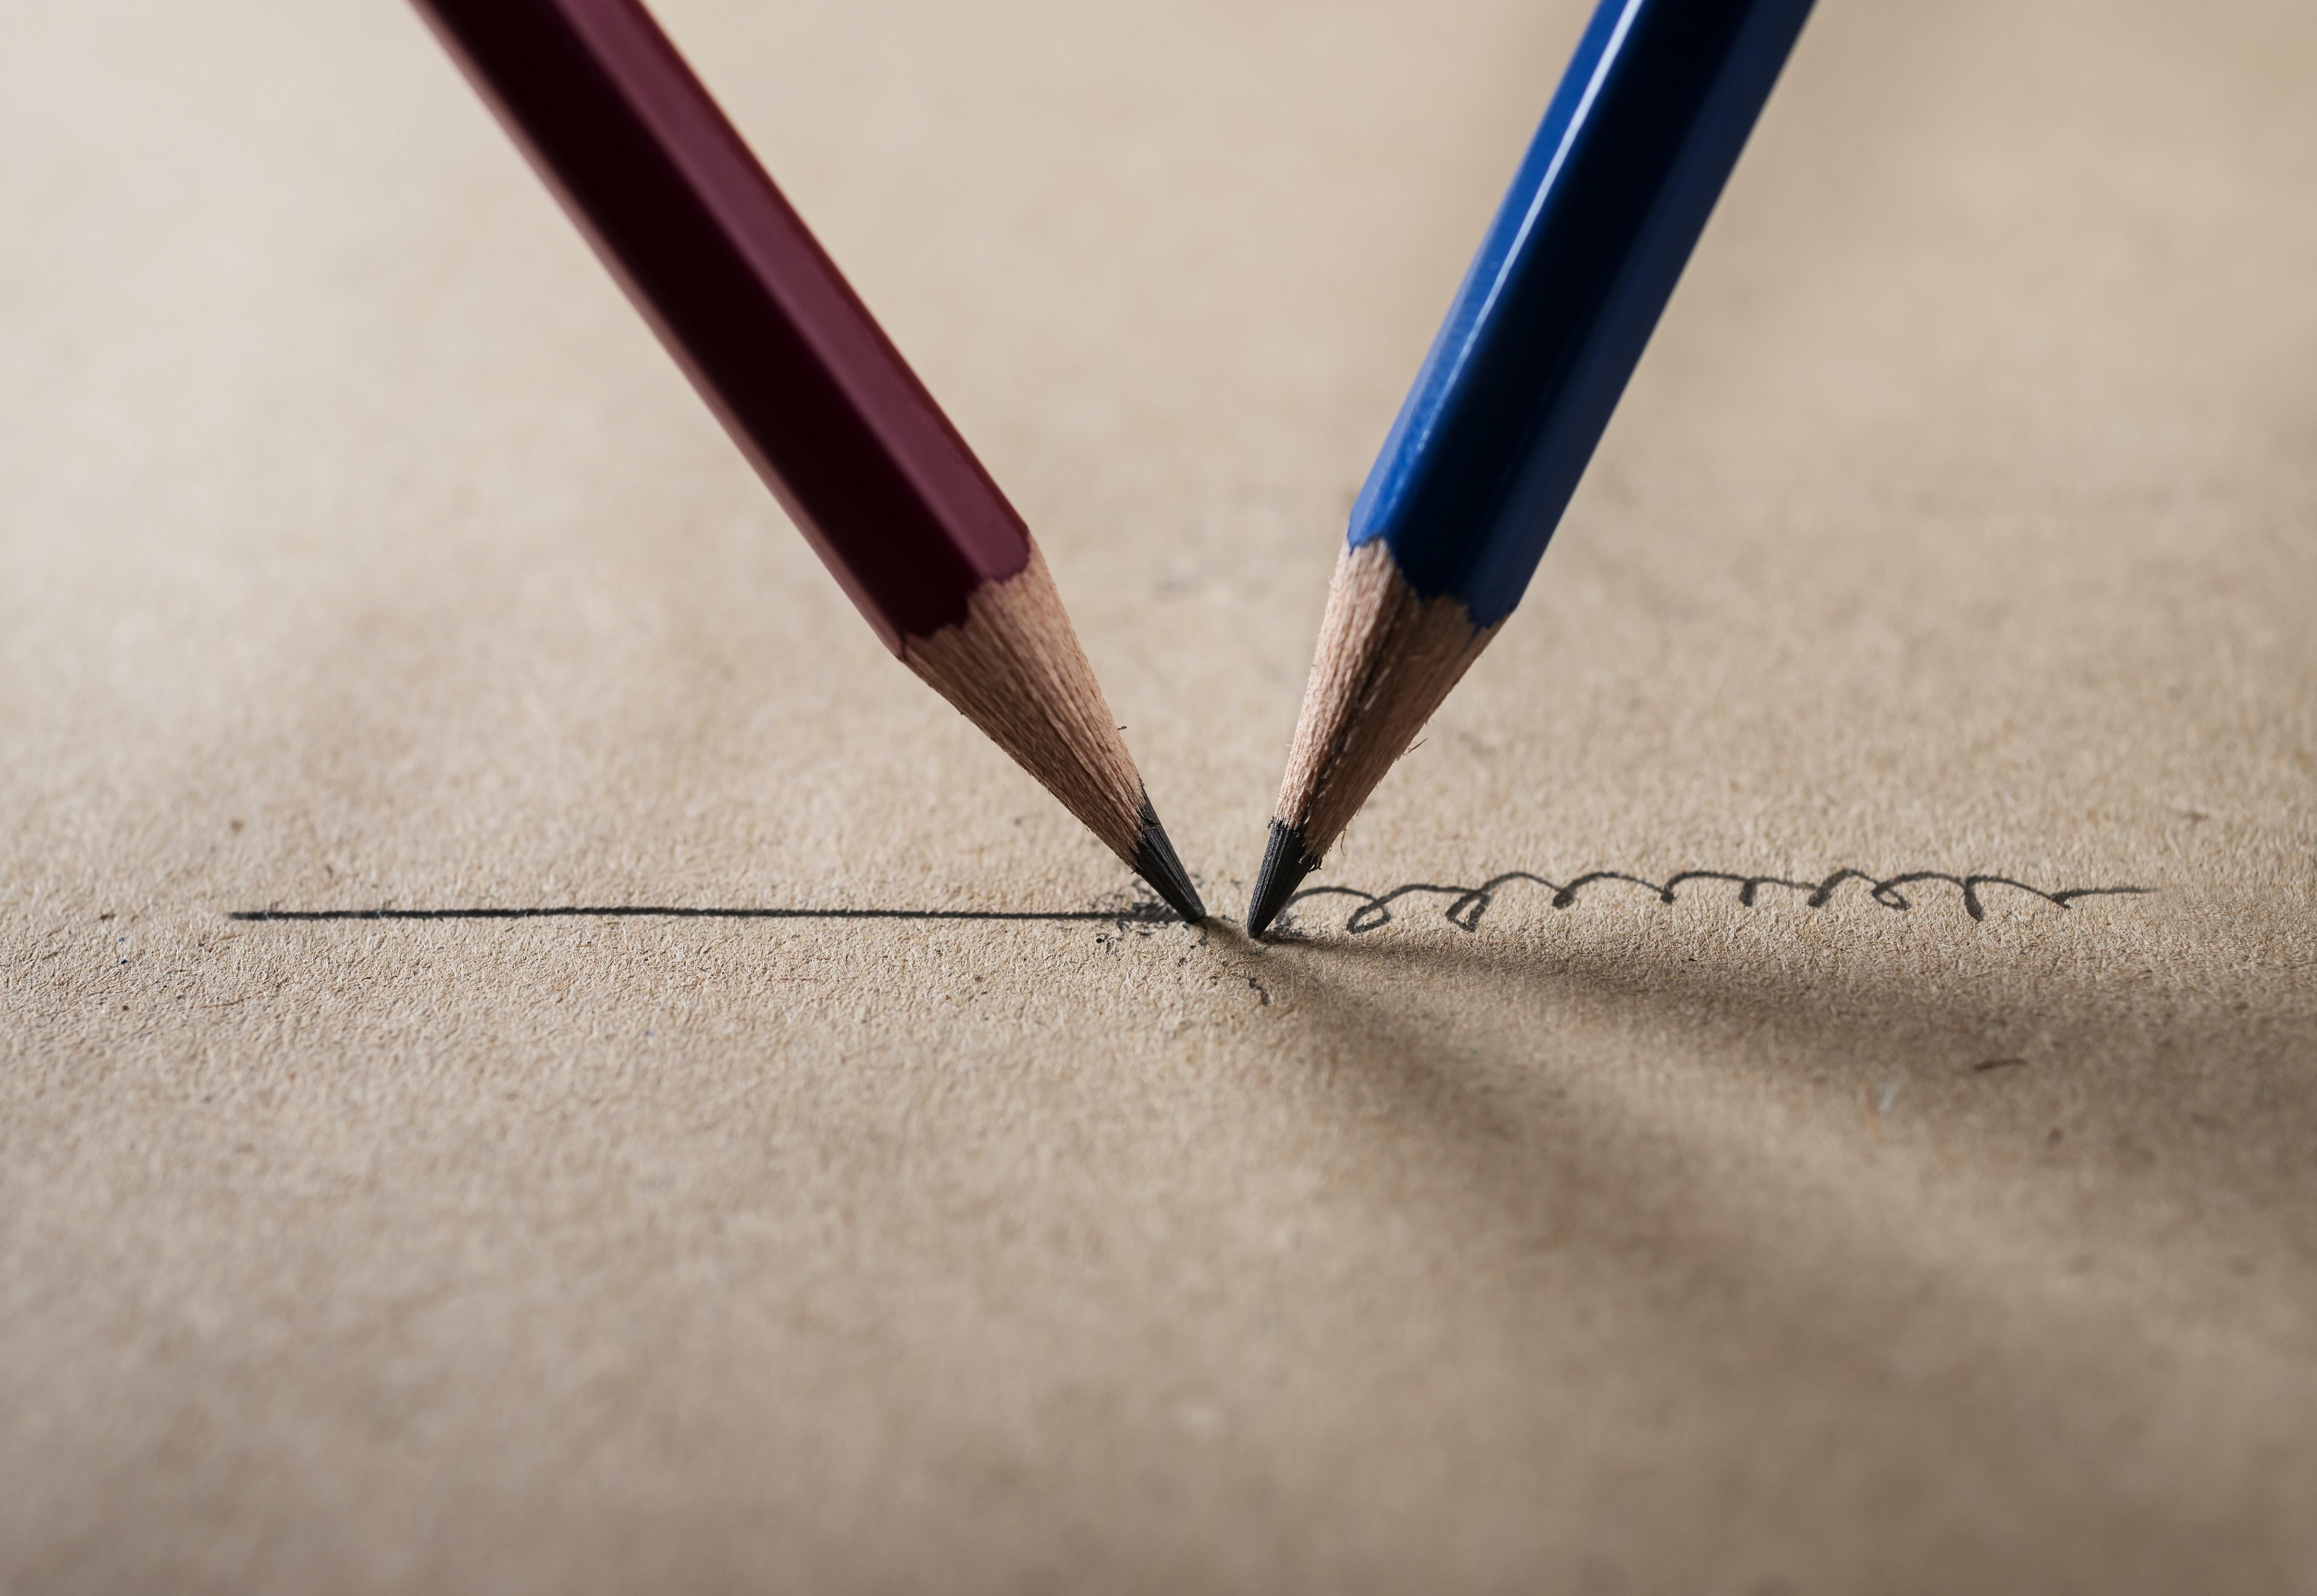 Stift symbolbild promovieren mit behinderung.76a4714f2087161286e080bedc13e465b